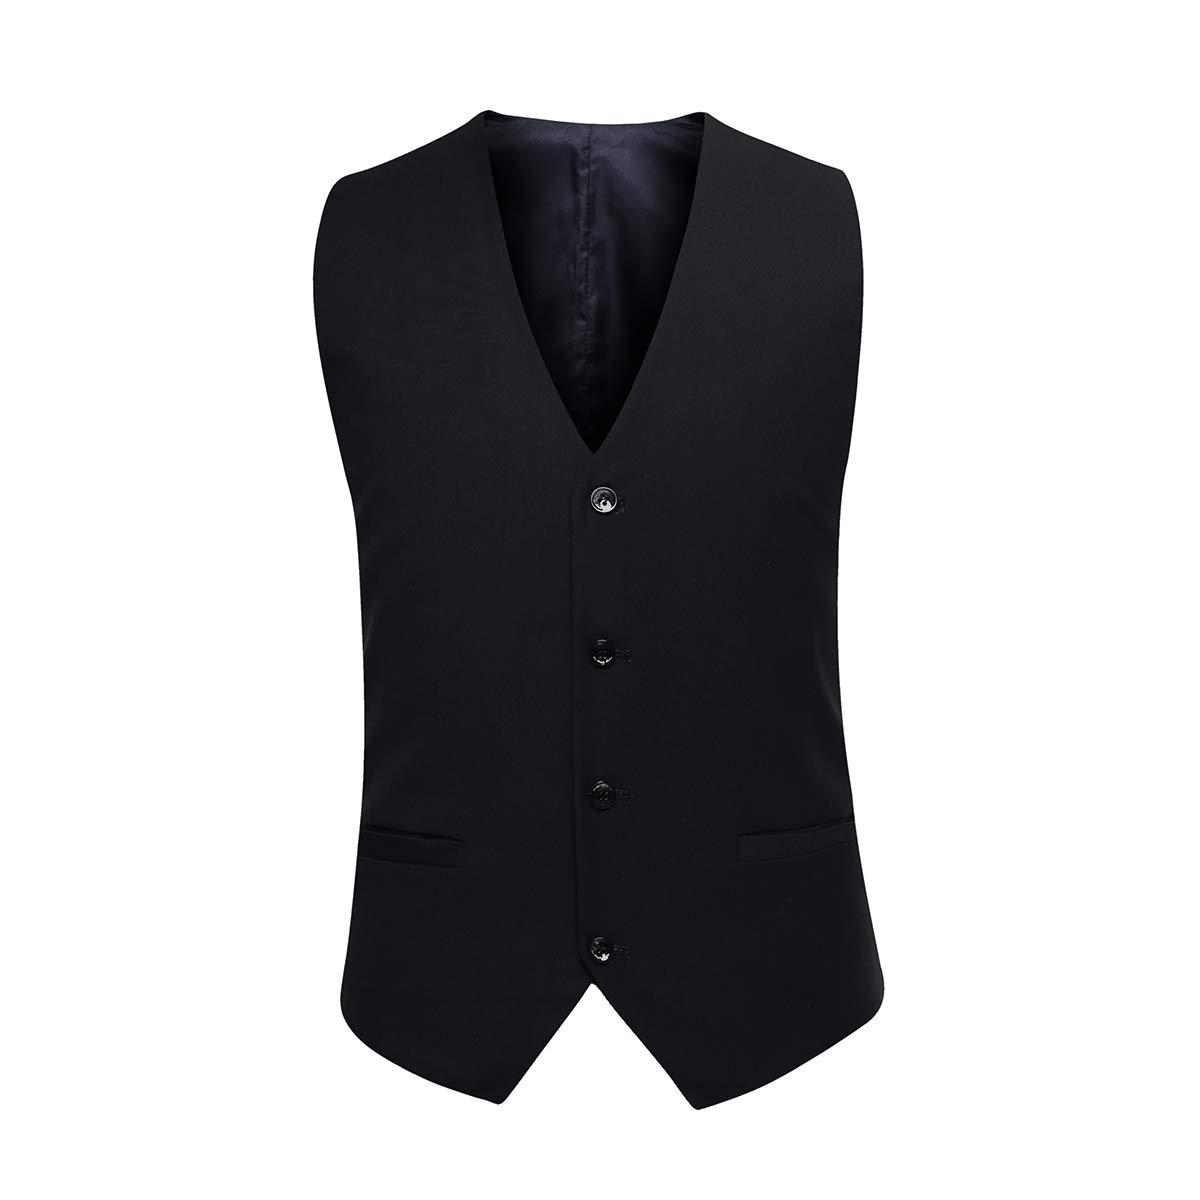 Mens Slim Fit Three Piece Suit Set Two Button Black Jacket /& Vest /& Pants